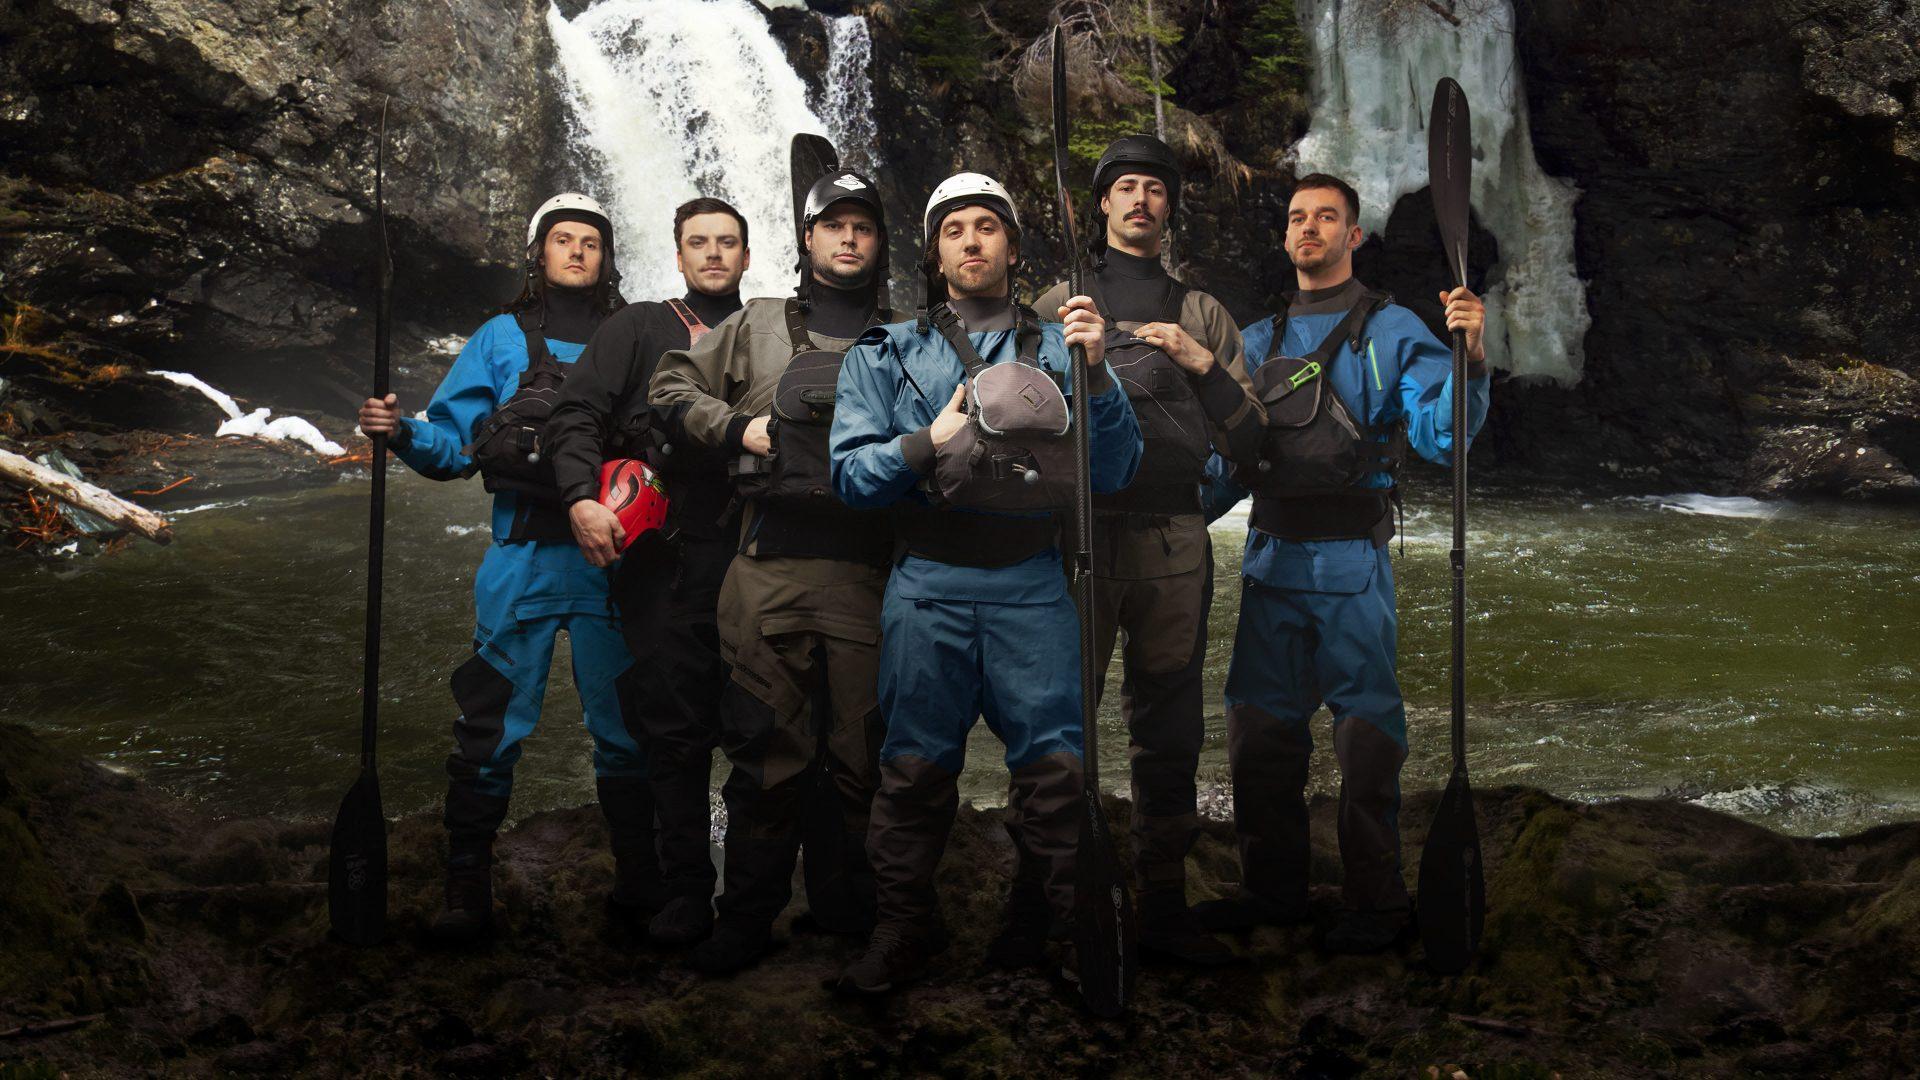 Expédition Kayak : Ils pagaient les rivières les plus dangereuses du pays